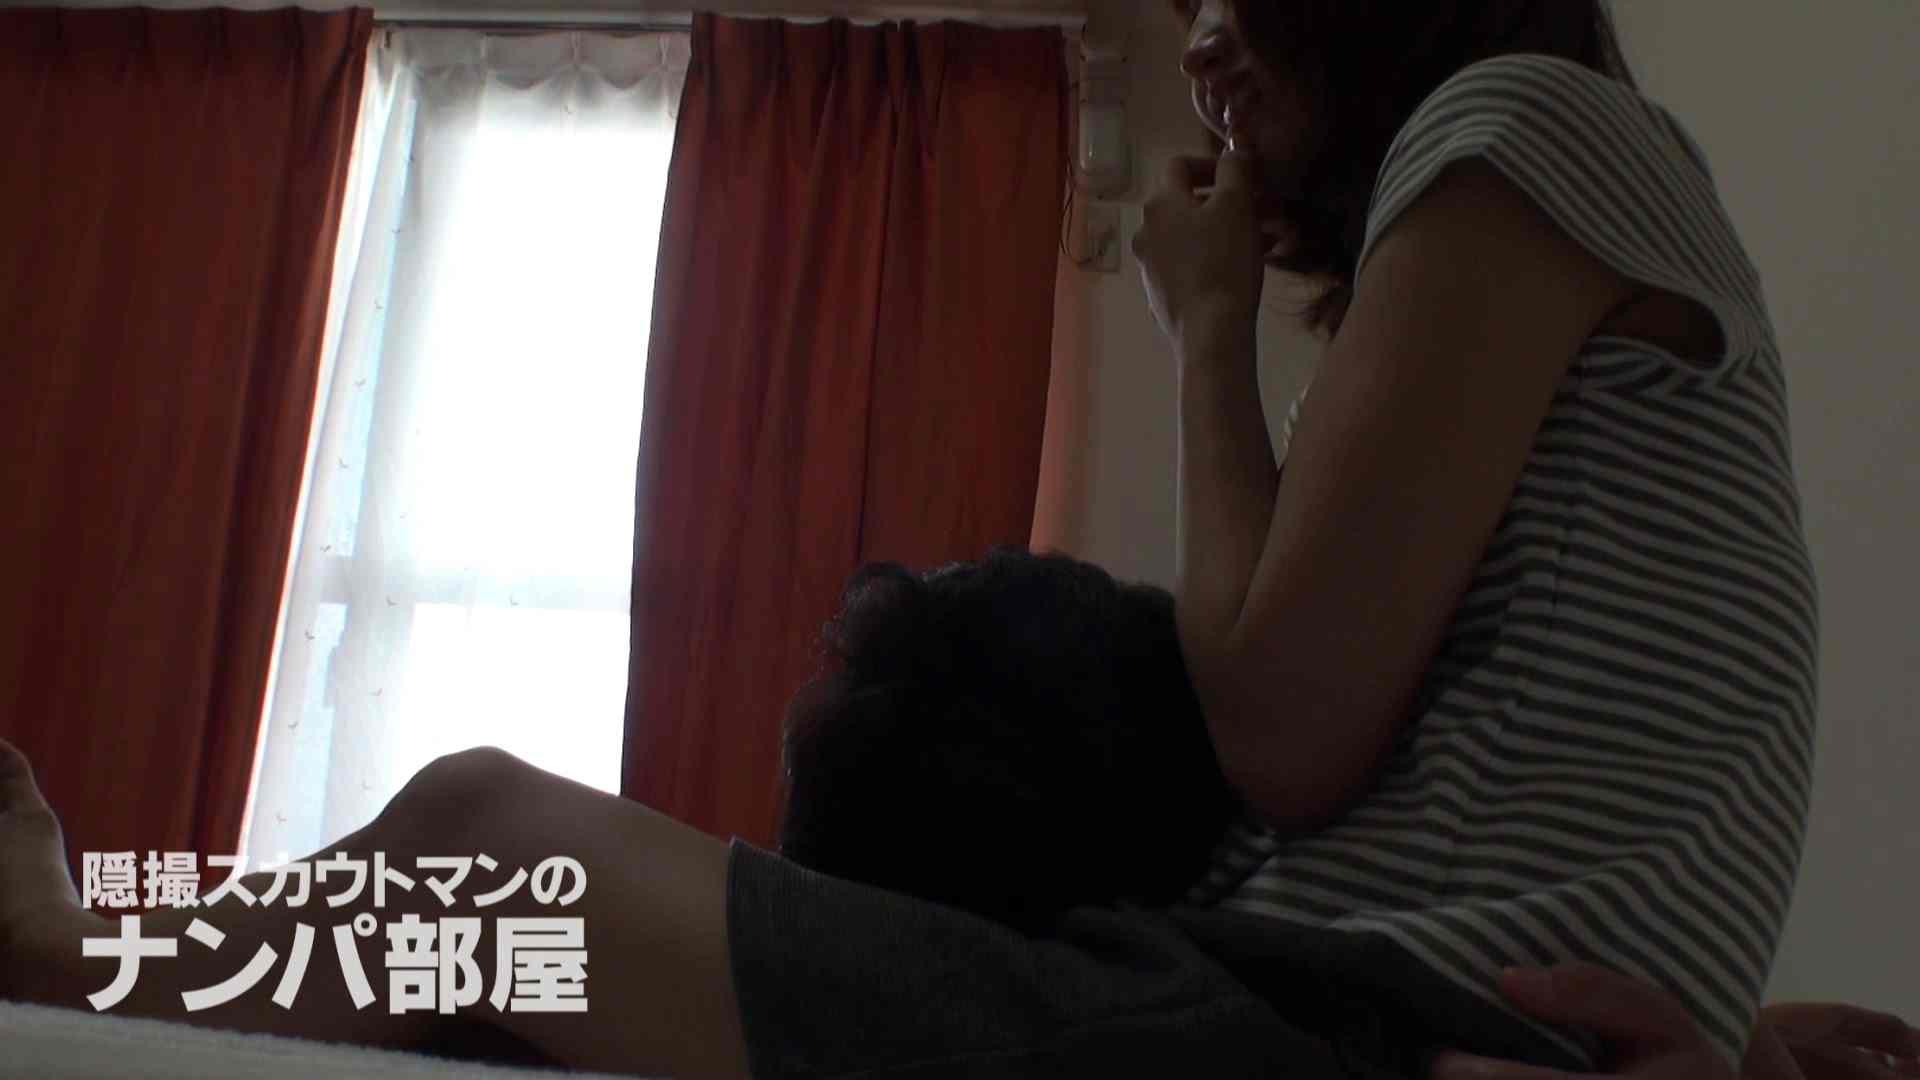 隠撮スカウトマンのナンパ部屋~風俗デビュー前のつまみ食い~ siivol.3 SEX  76pic 52